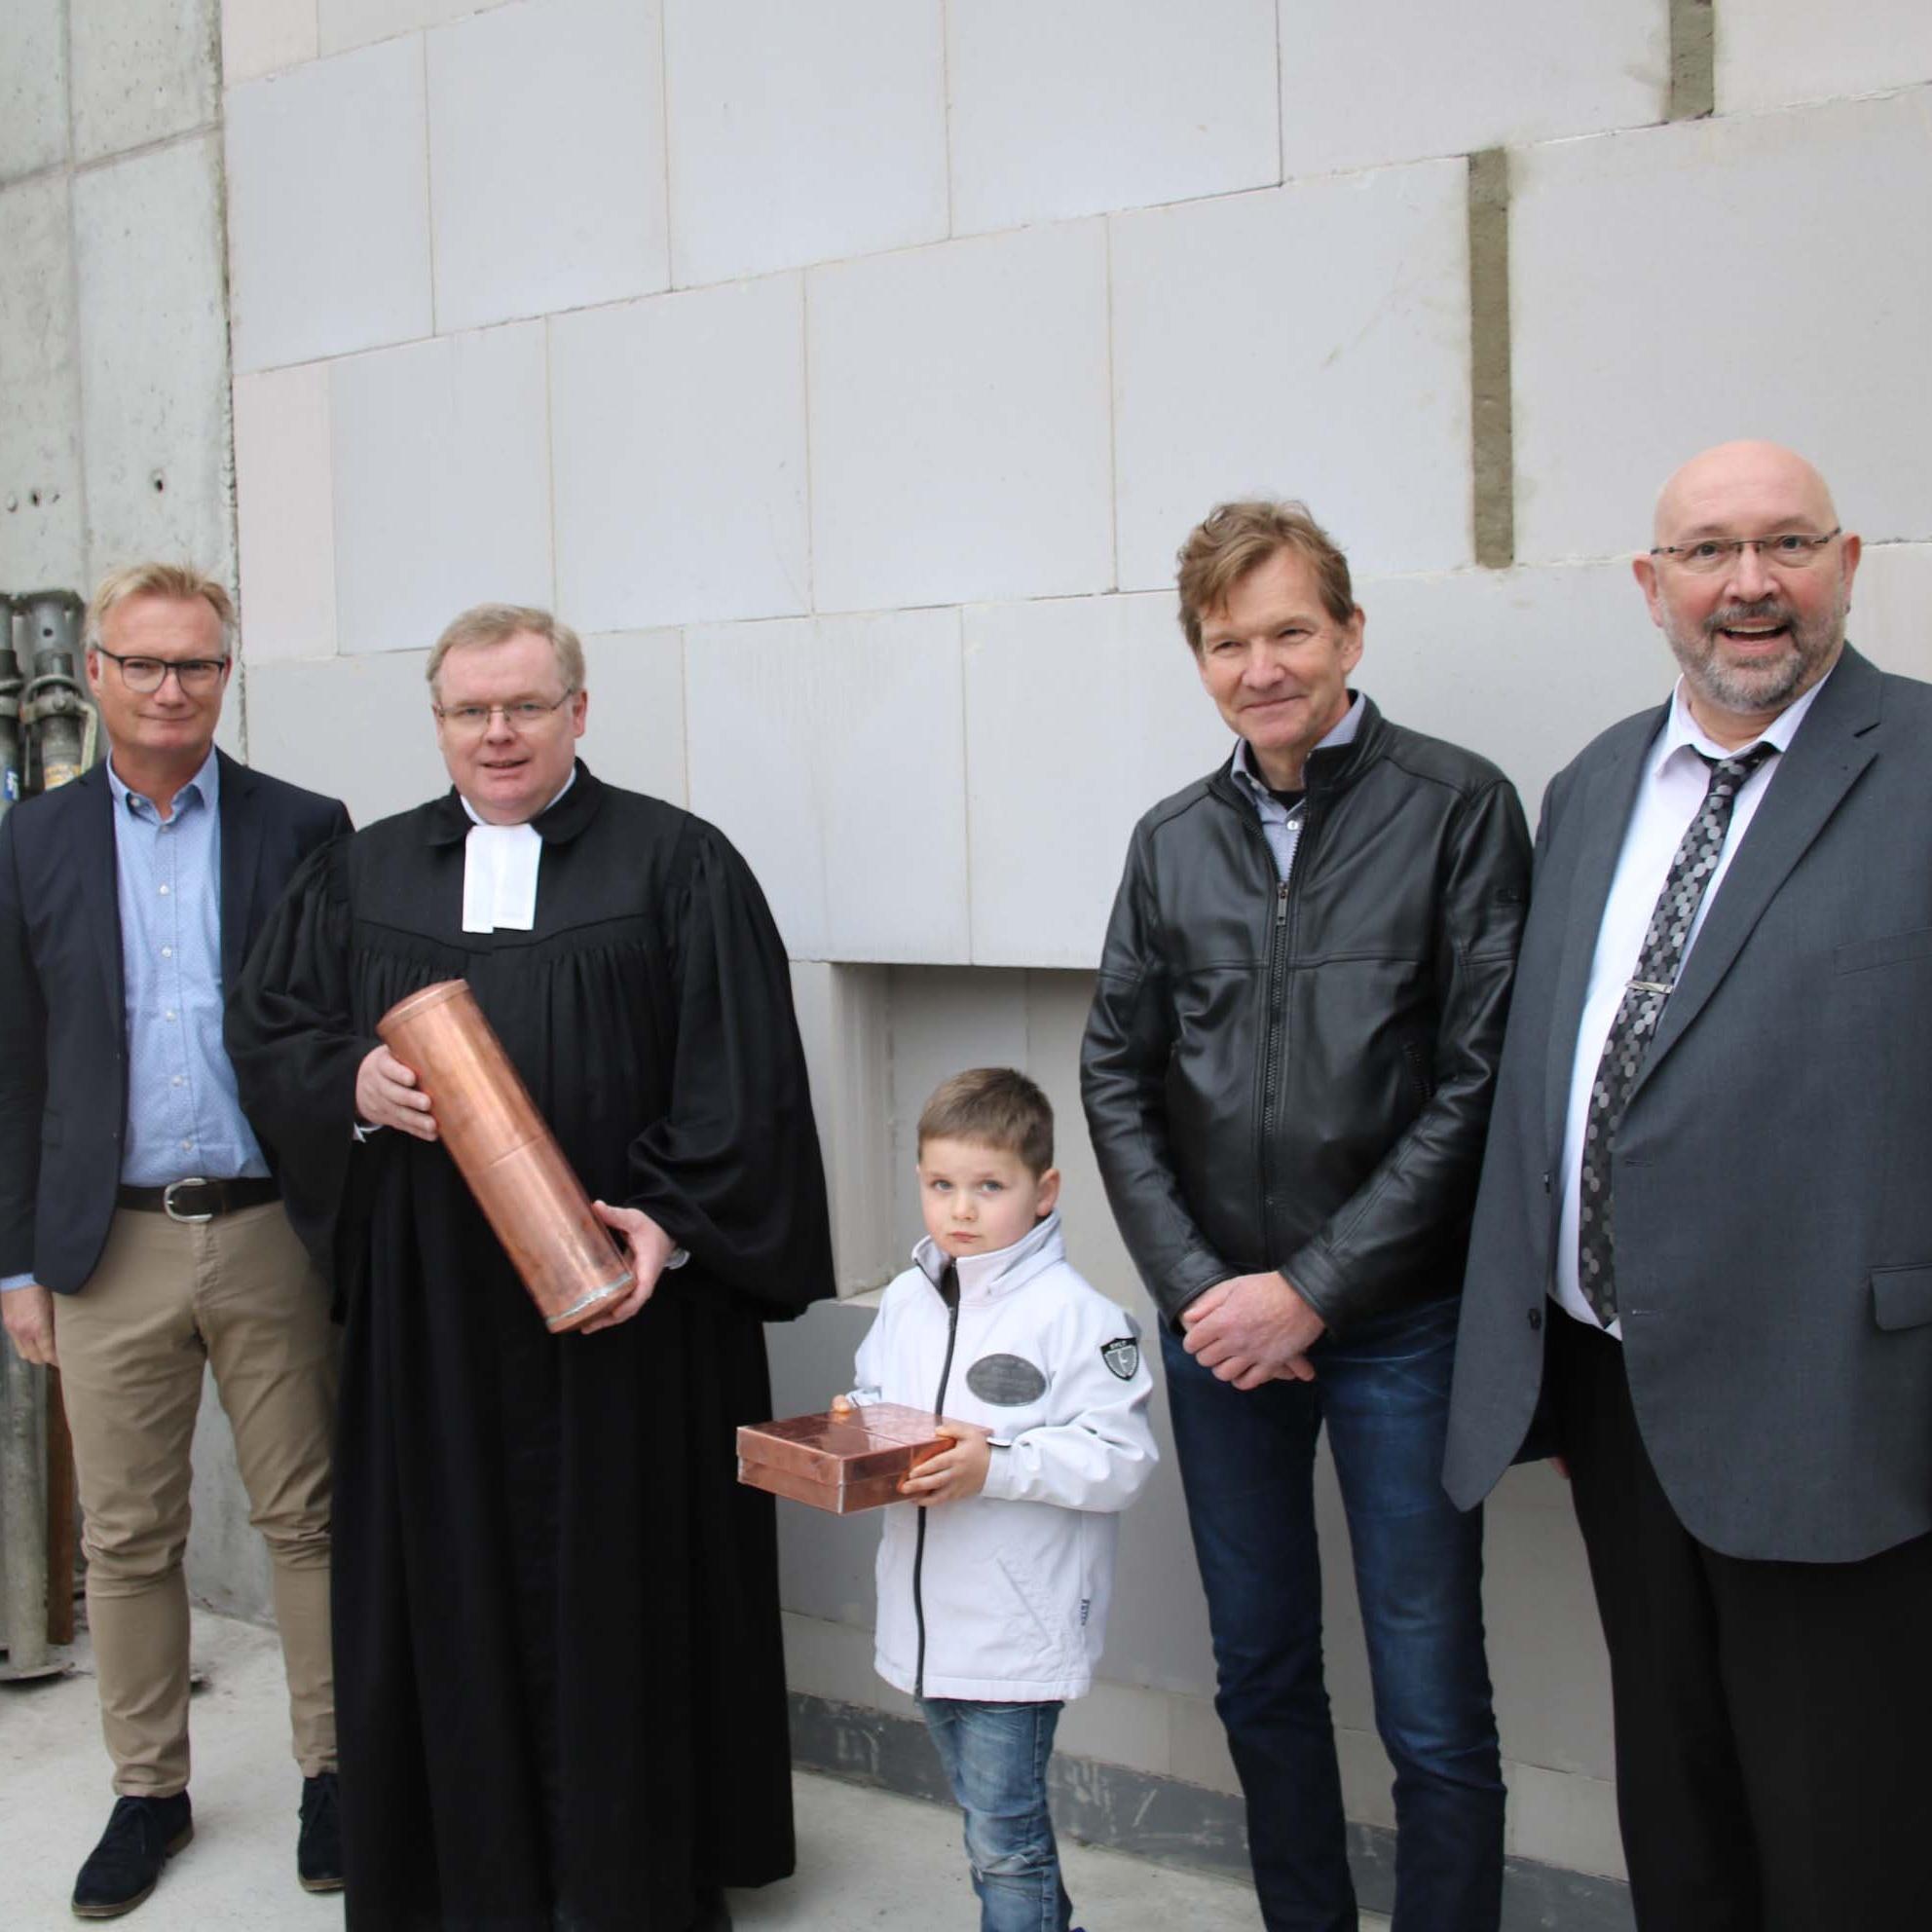 Grundstein gelegt: Bauarbeiten an der Moltkestraße 10 und 12 im Zeitplan Bibel, Playmobil-Luther und Tageszeitungen erinnern an den Tag